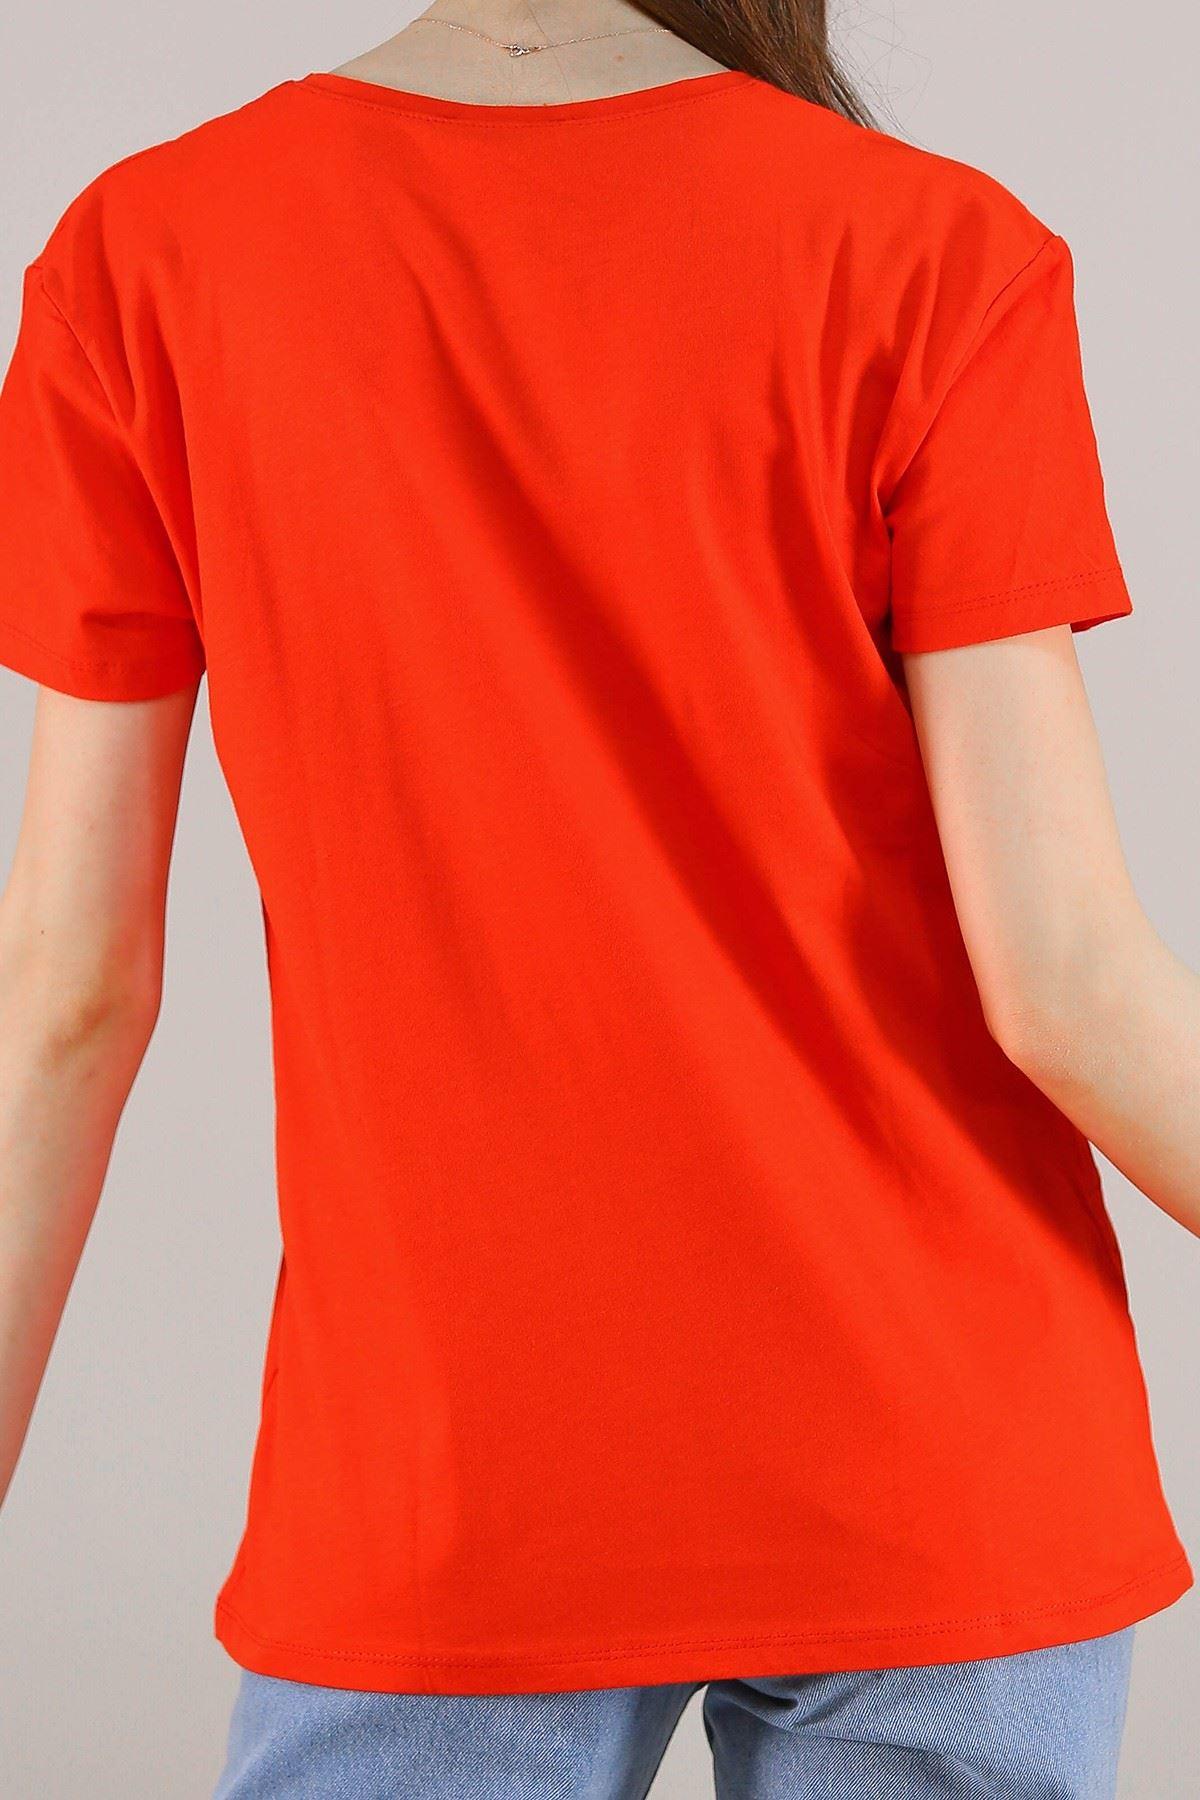 Baskılı Pullu Tişört Kırmızı - 5012.336. Toptan